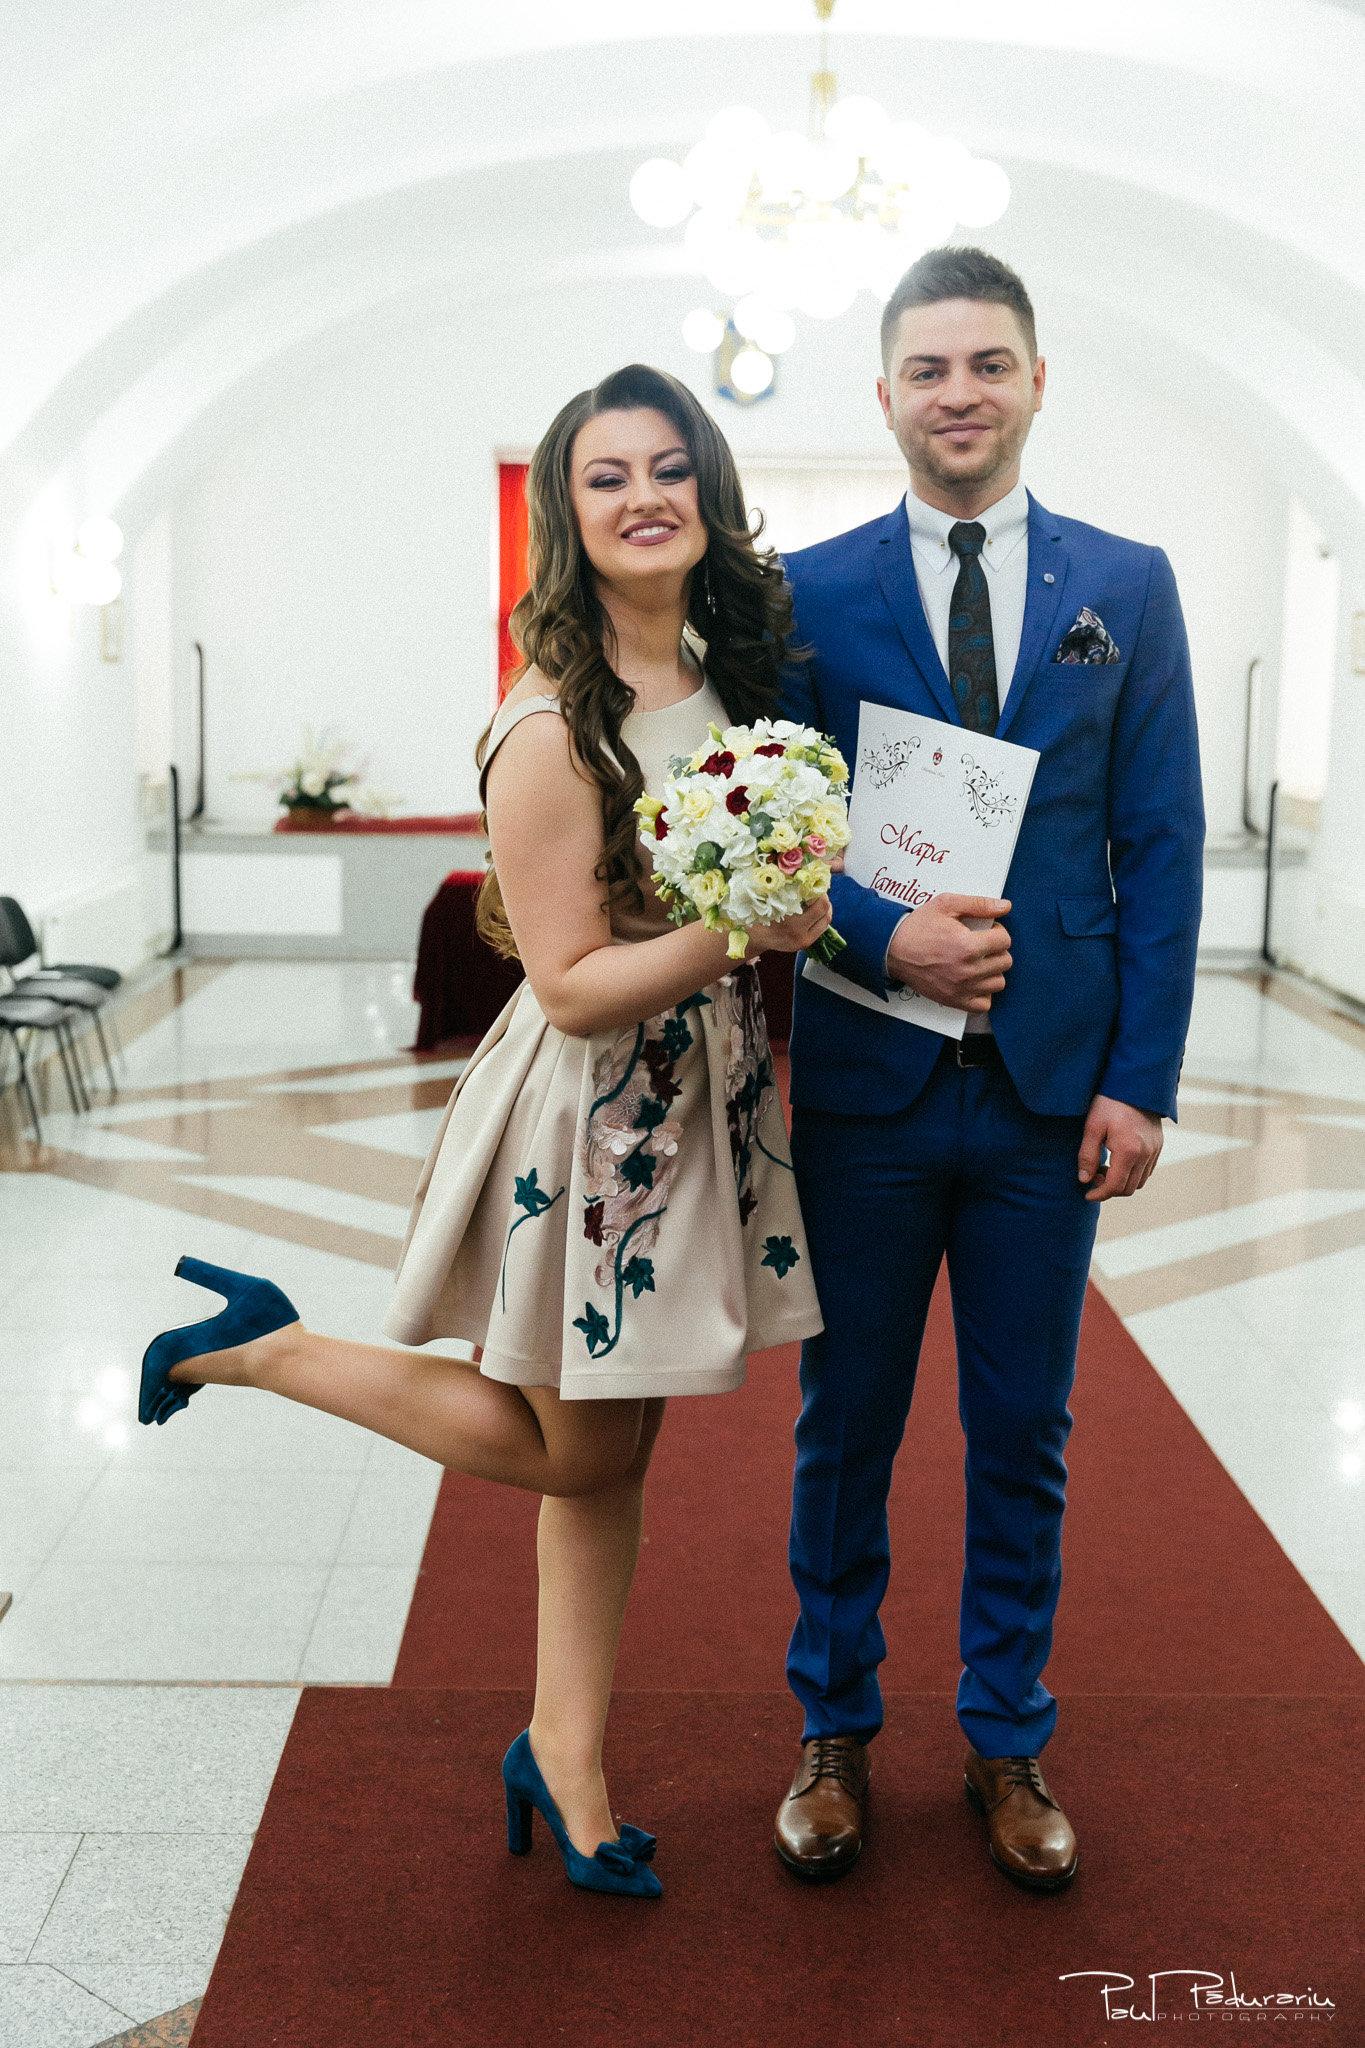 Ariadna si Iulian cununie civila Iasi fotograf profesionist nunta Iasi www.paulpadurariu.ro © 2017 Paul Padurariu